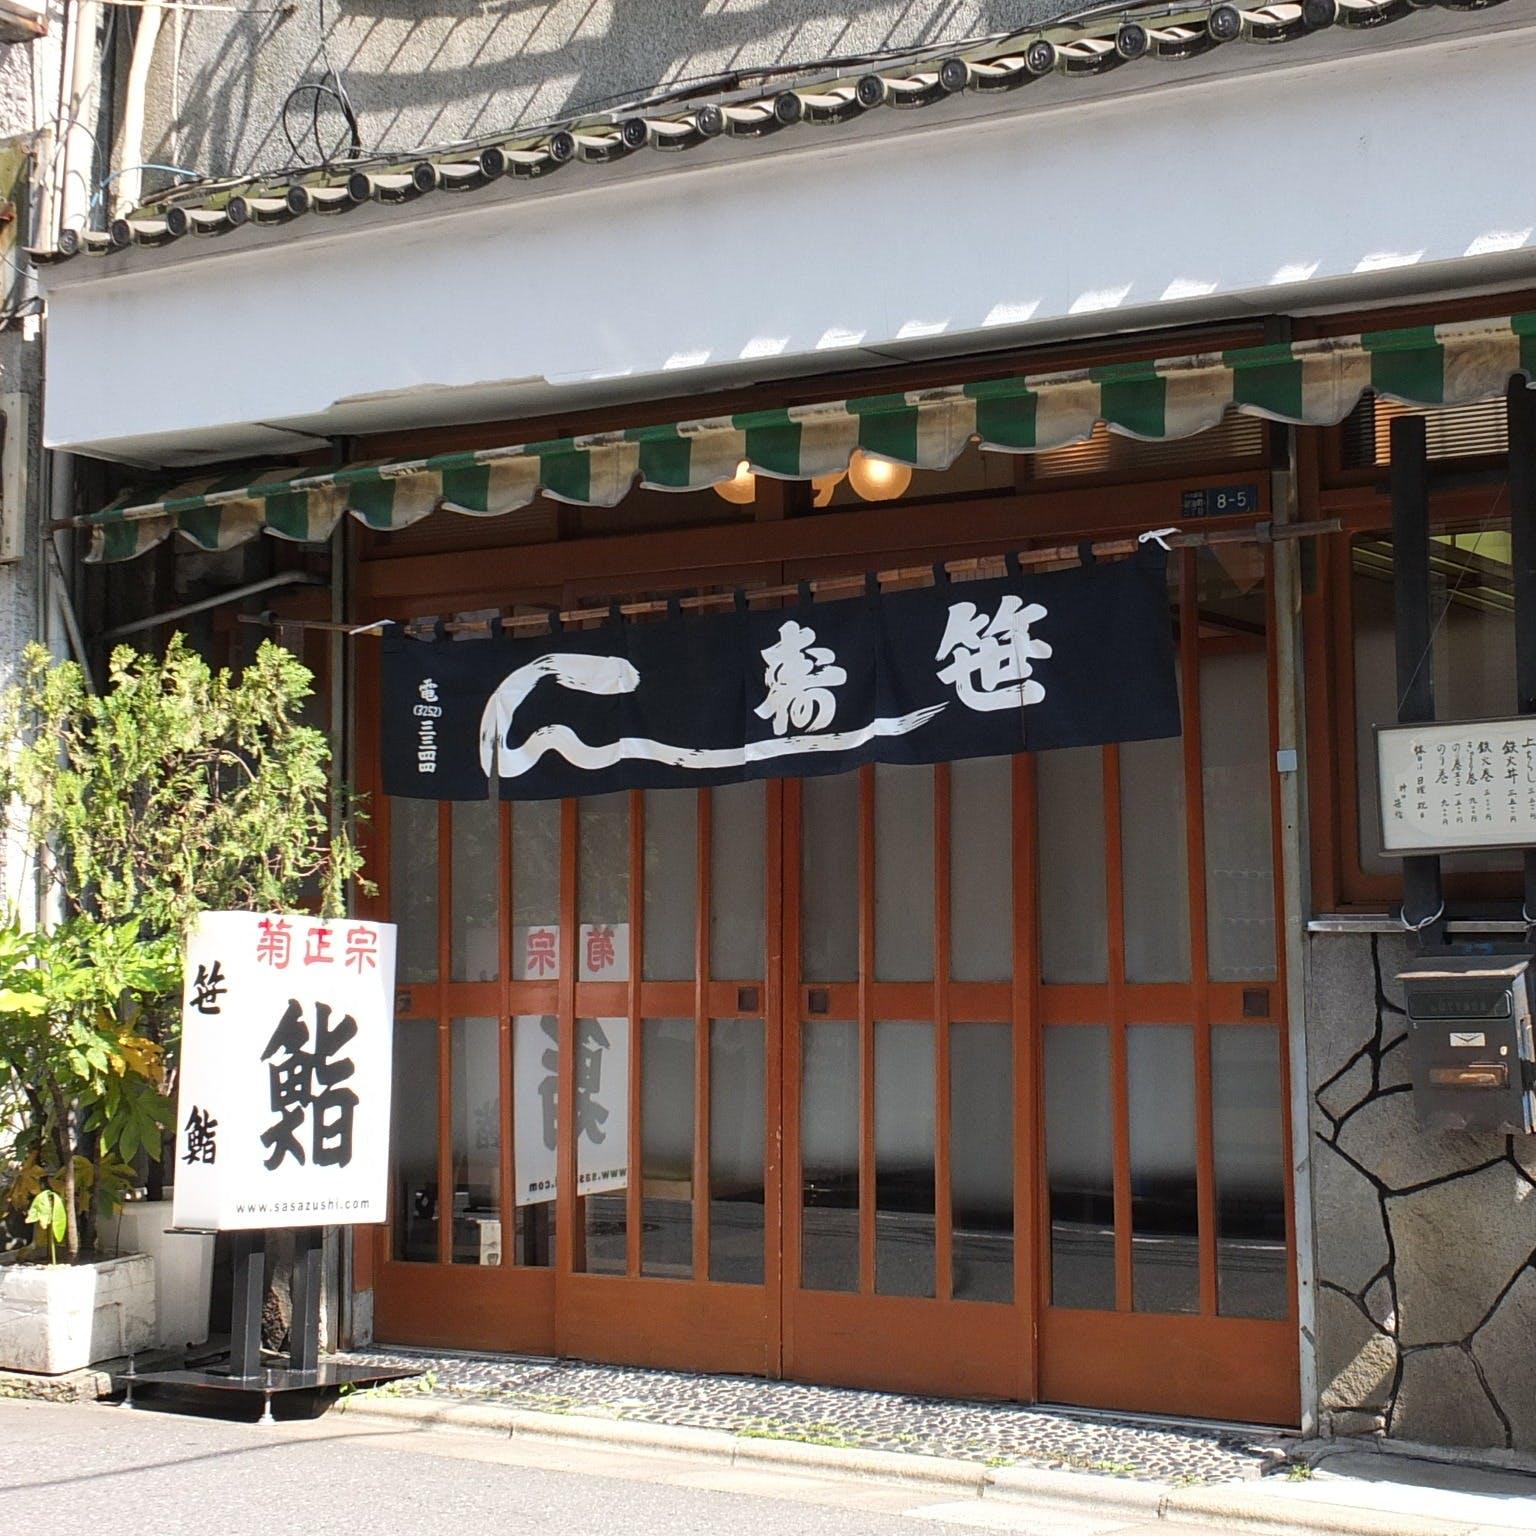 四枚戸の昔ながらの鮨屋